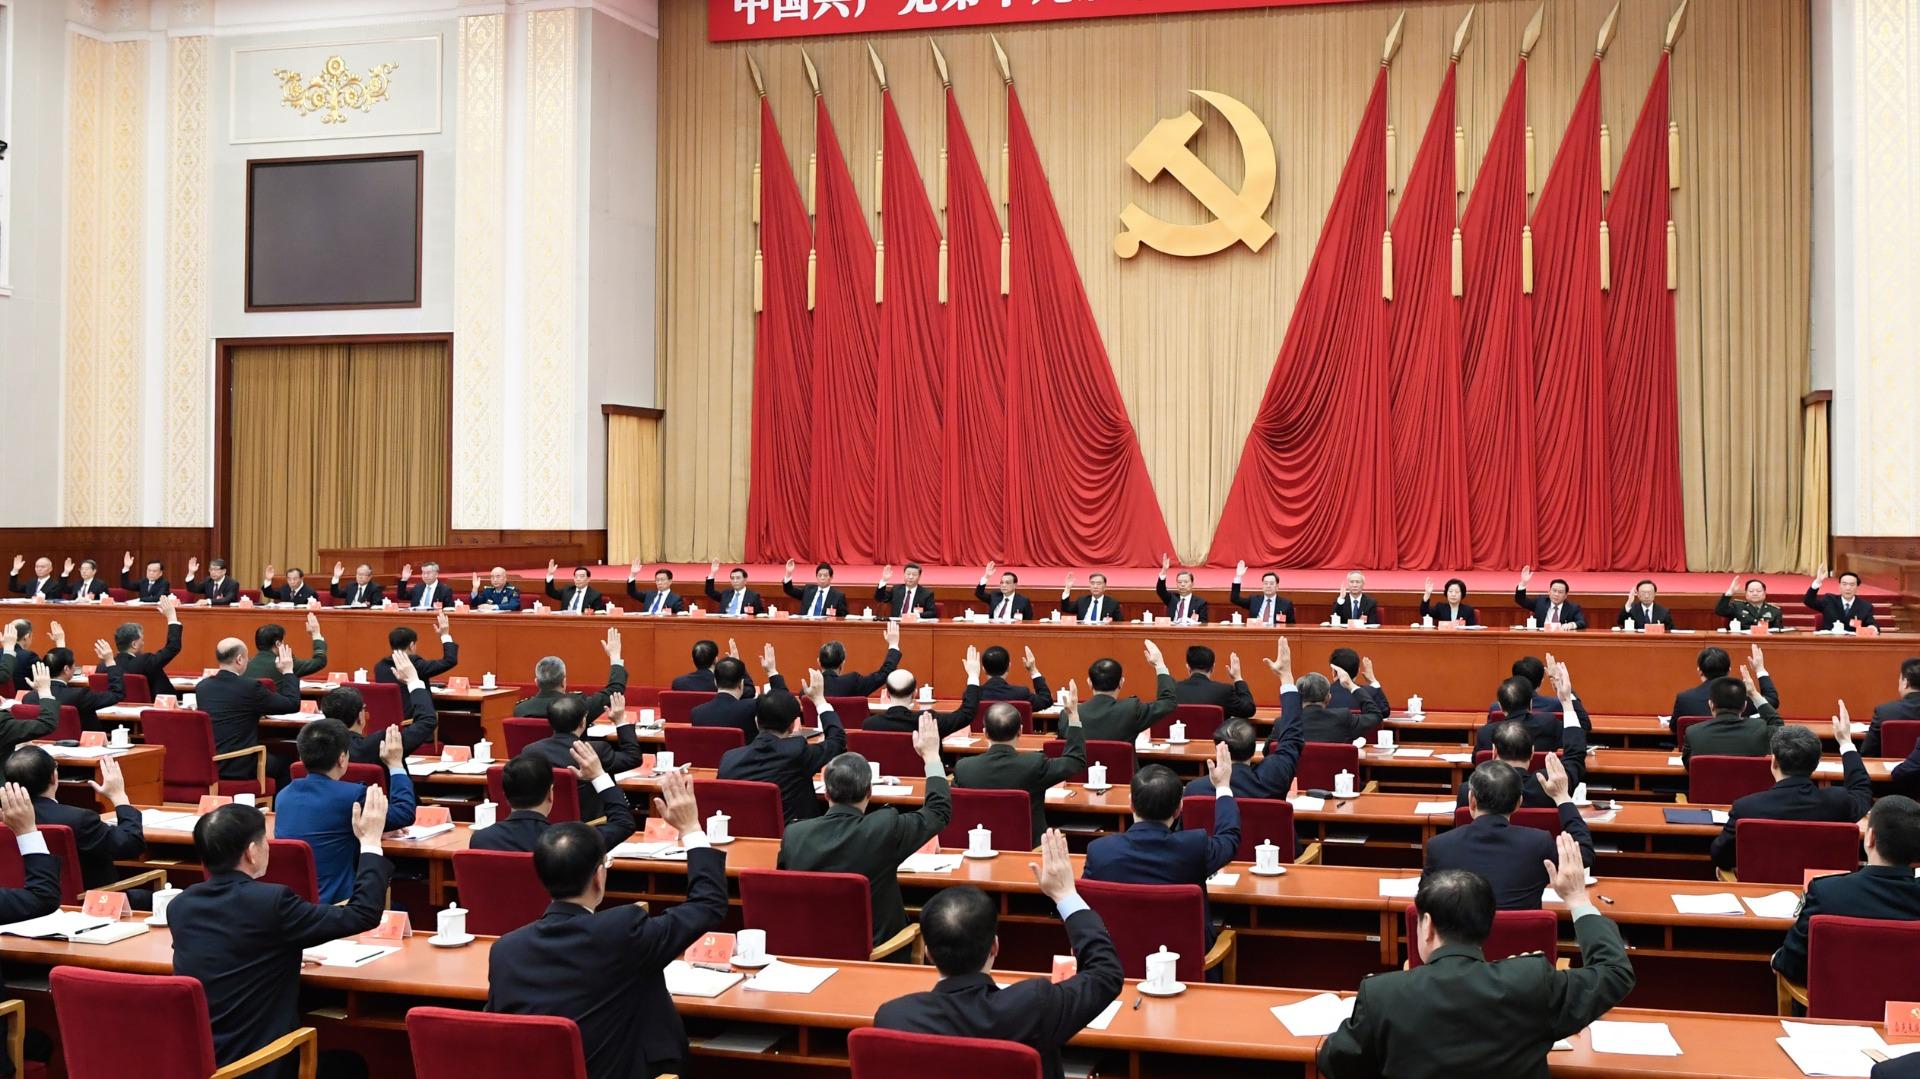 十九屆五中全會10月26日至29日在京召開